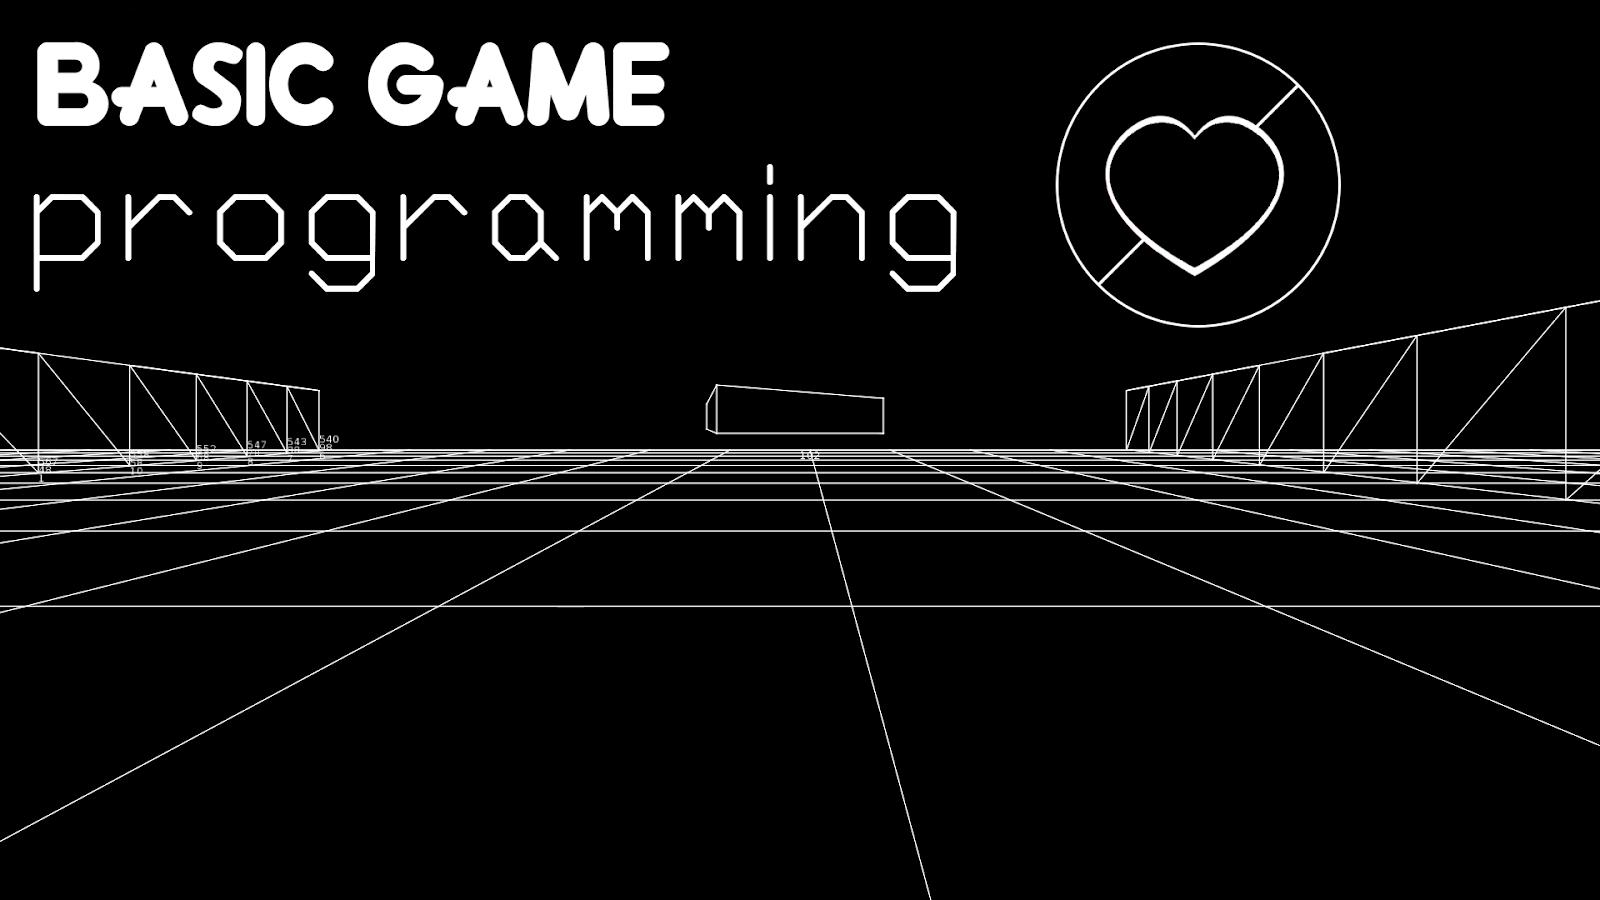 UA Video Game Developers Club: Love2D talk + Blender workshop!